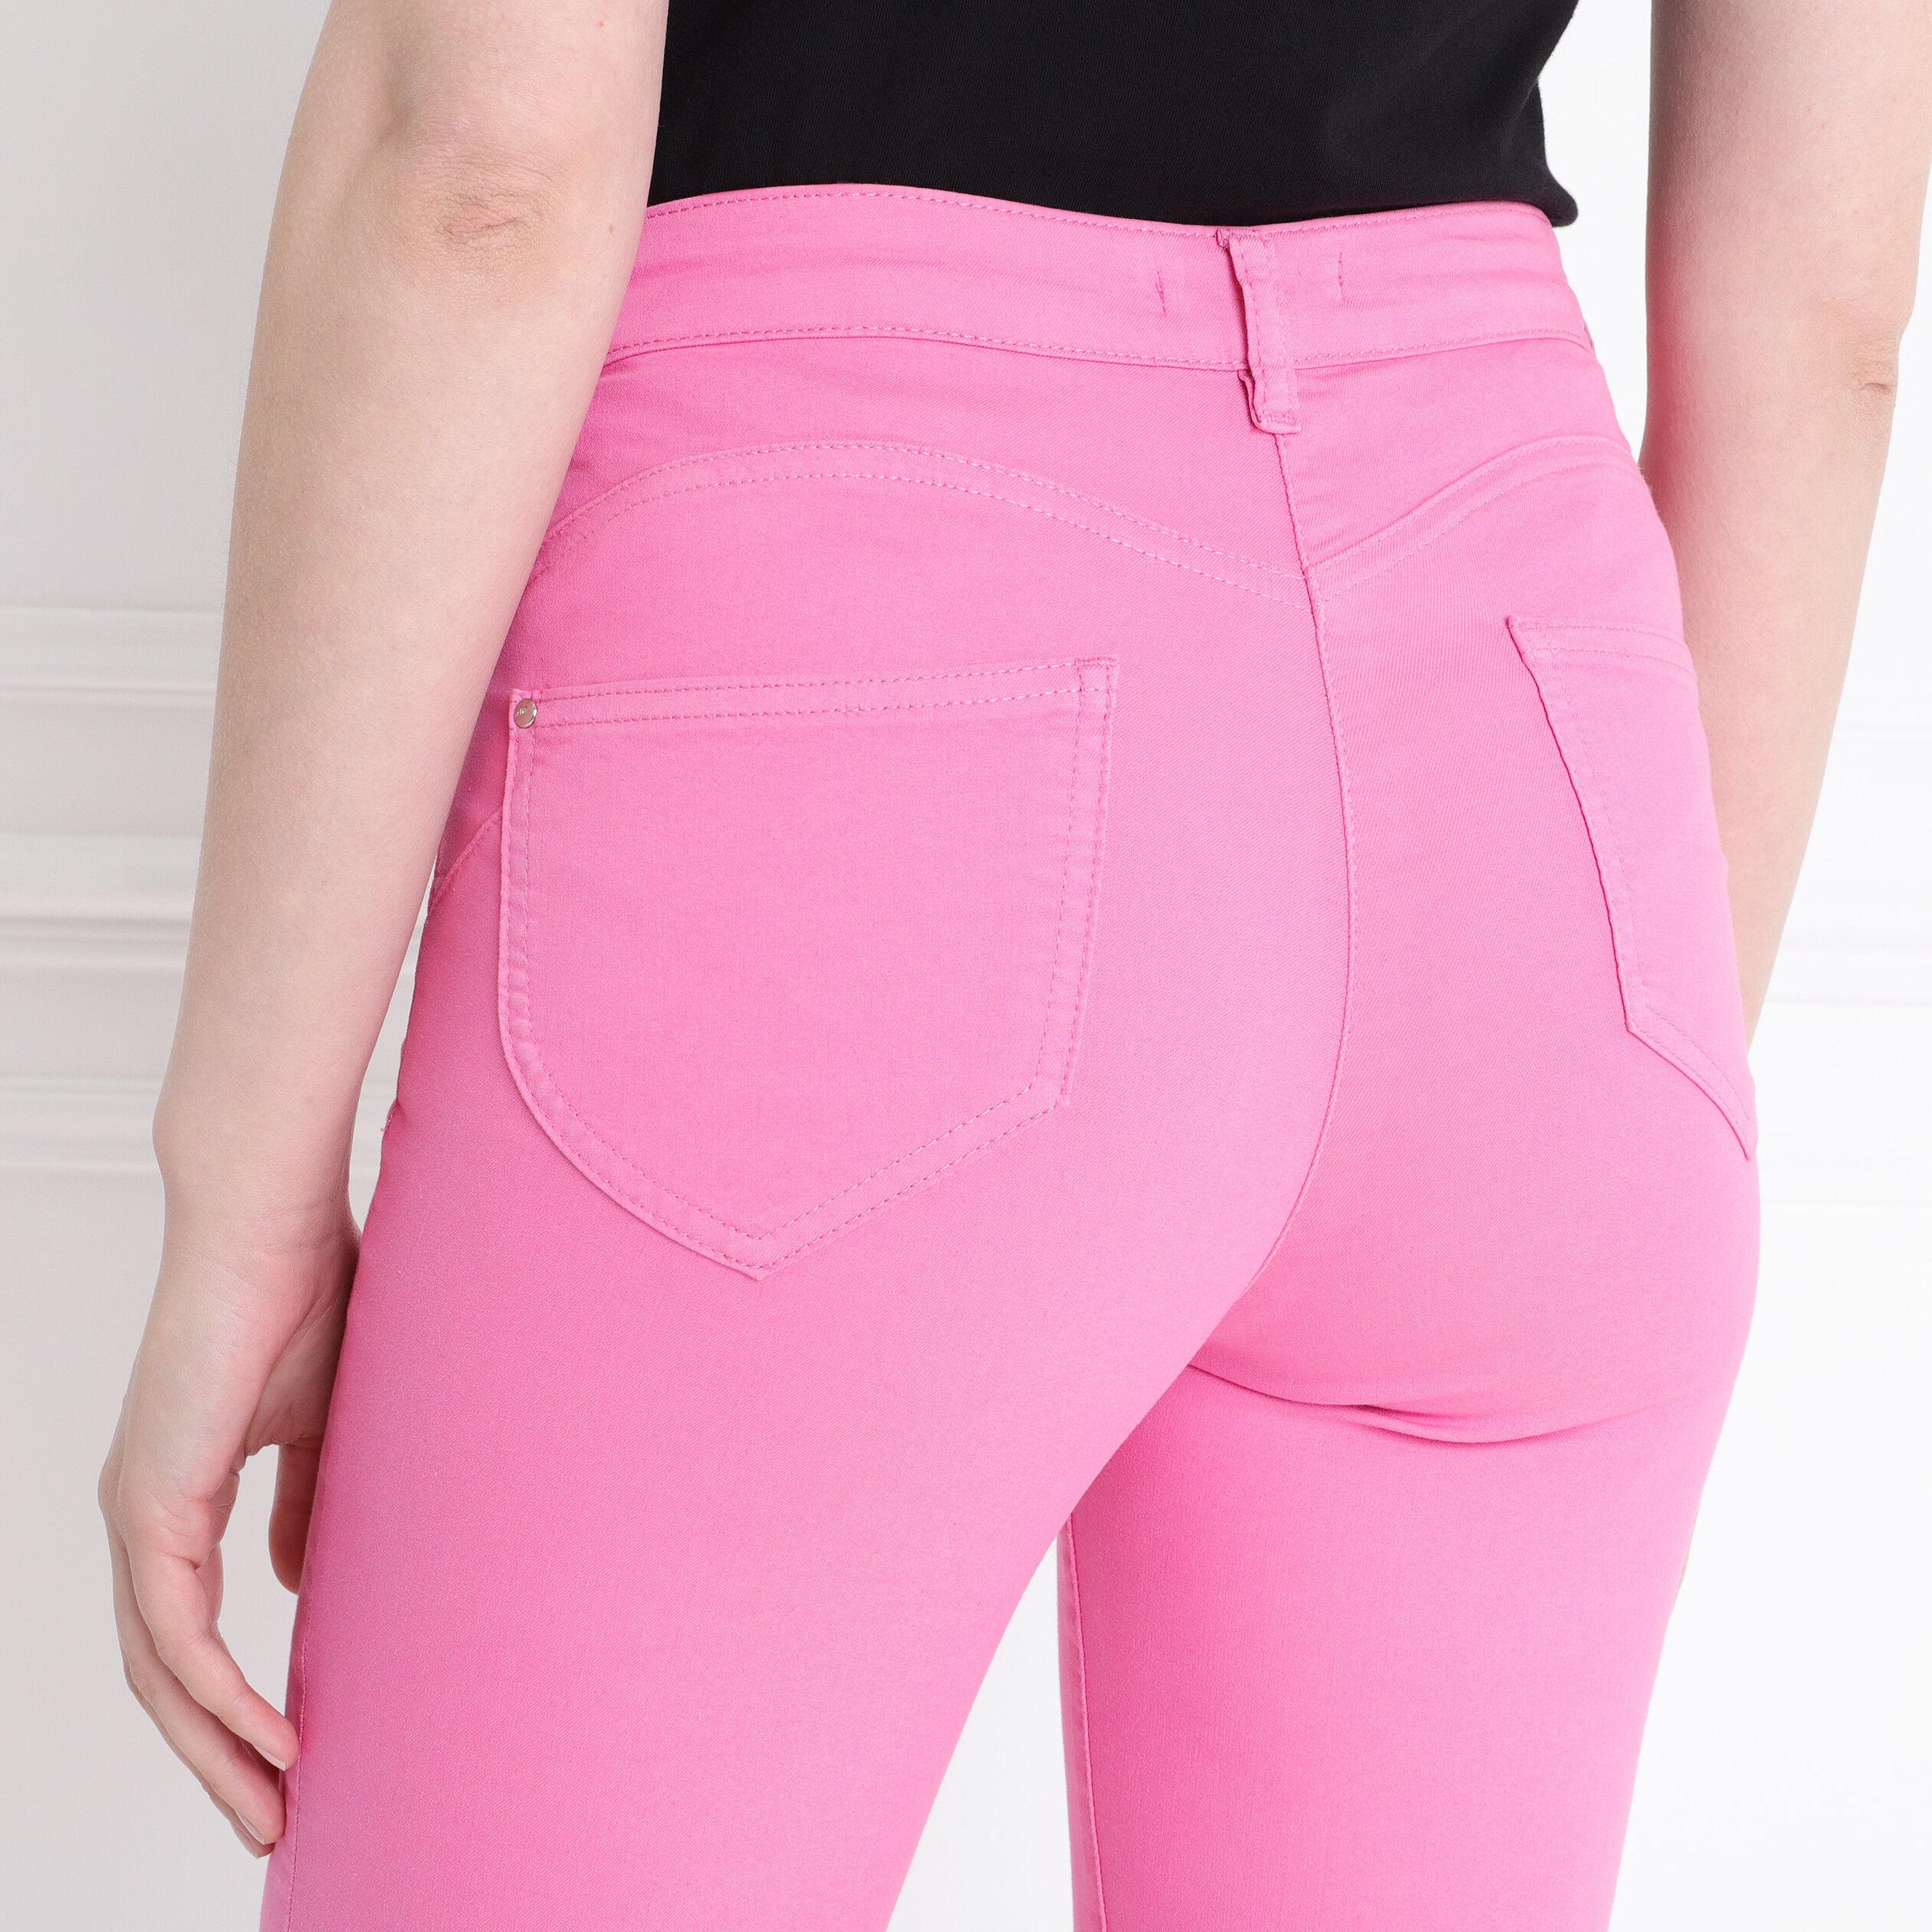 Pantalon Léger Toucher FemmeBréal Rose Fushia Doux KcTl1FJ